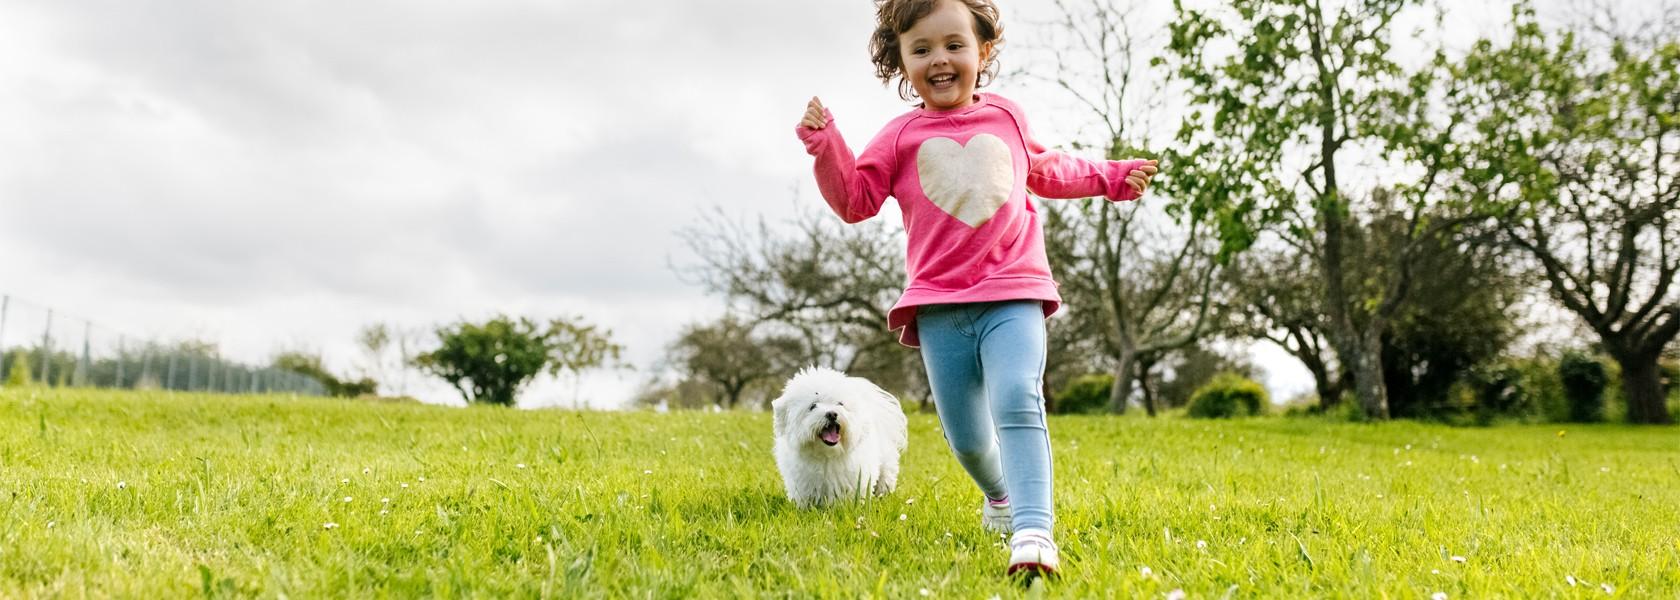 Ein kleines Mädchen läuft lachend über eine Wiese, im Hintergrund ein kleiner weißer Hund.